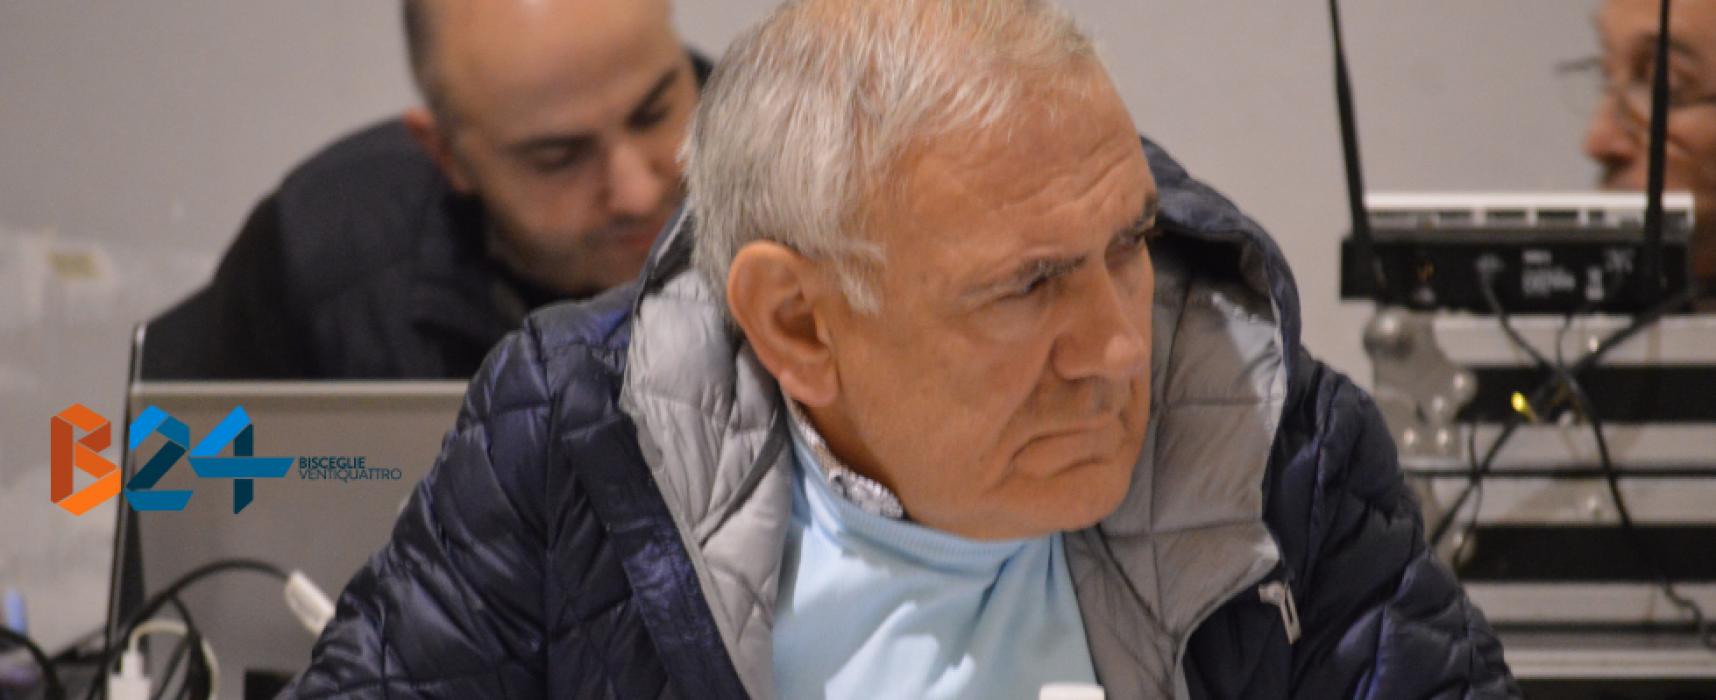 Giuseppe Sannicandro eletto consigliere comunale a Corato